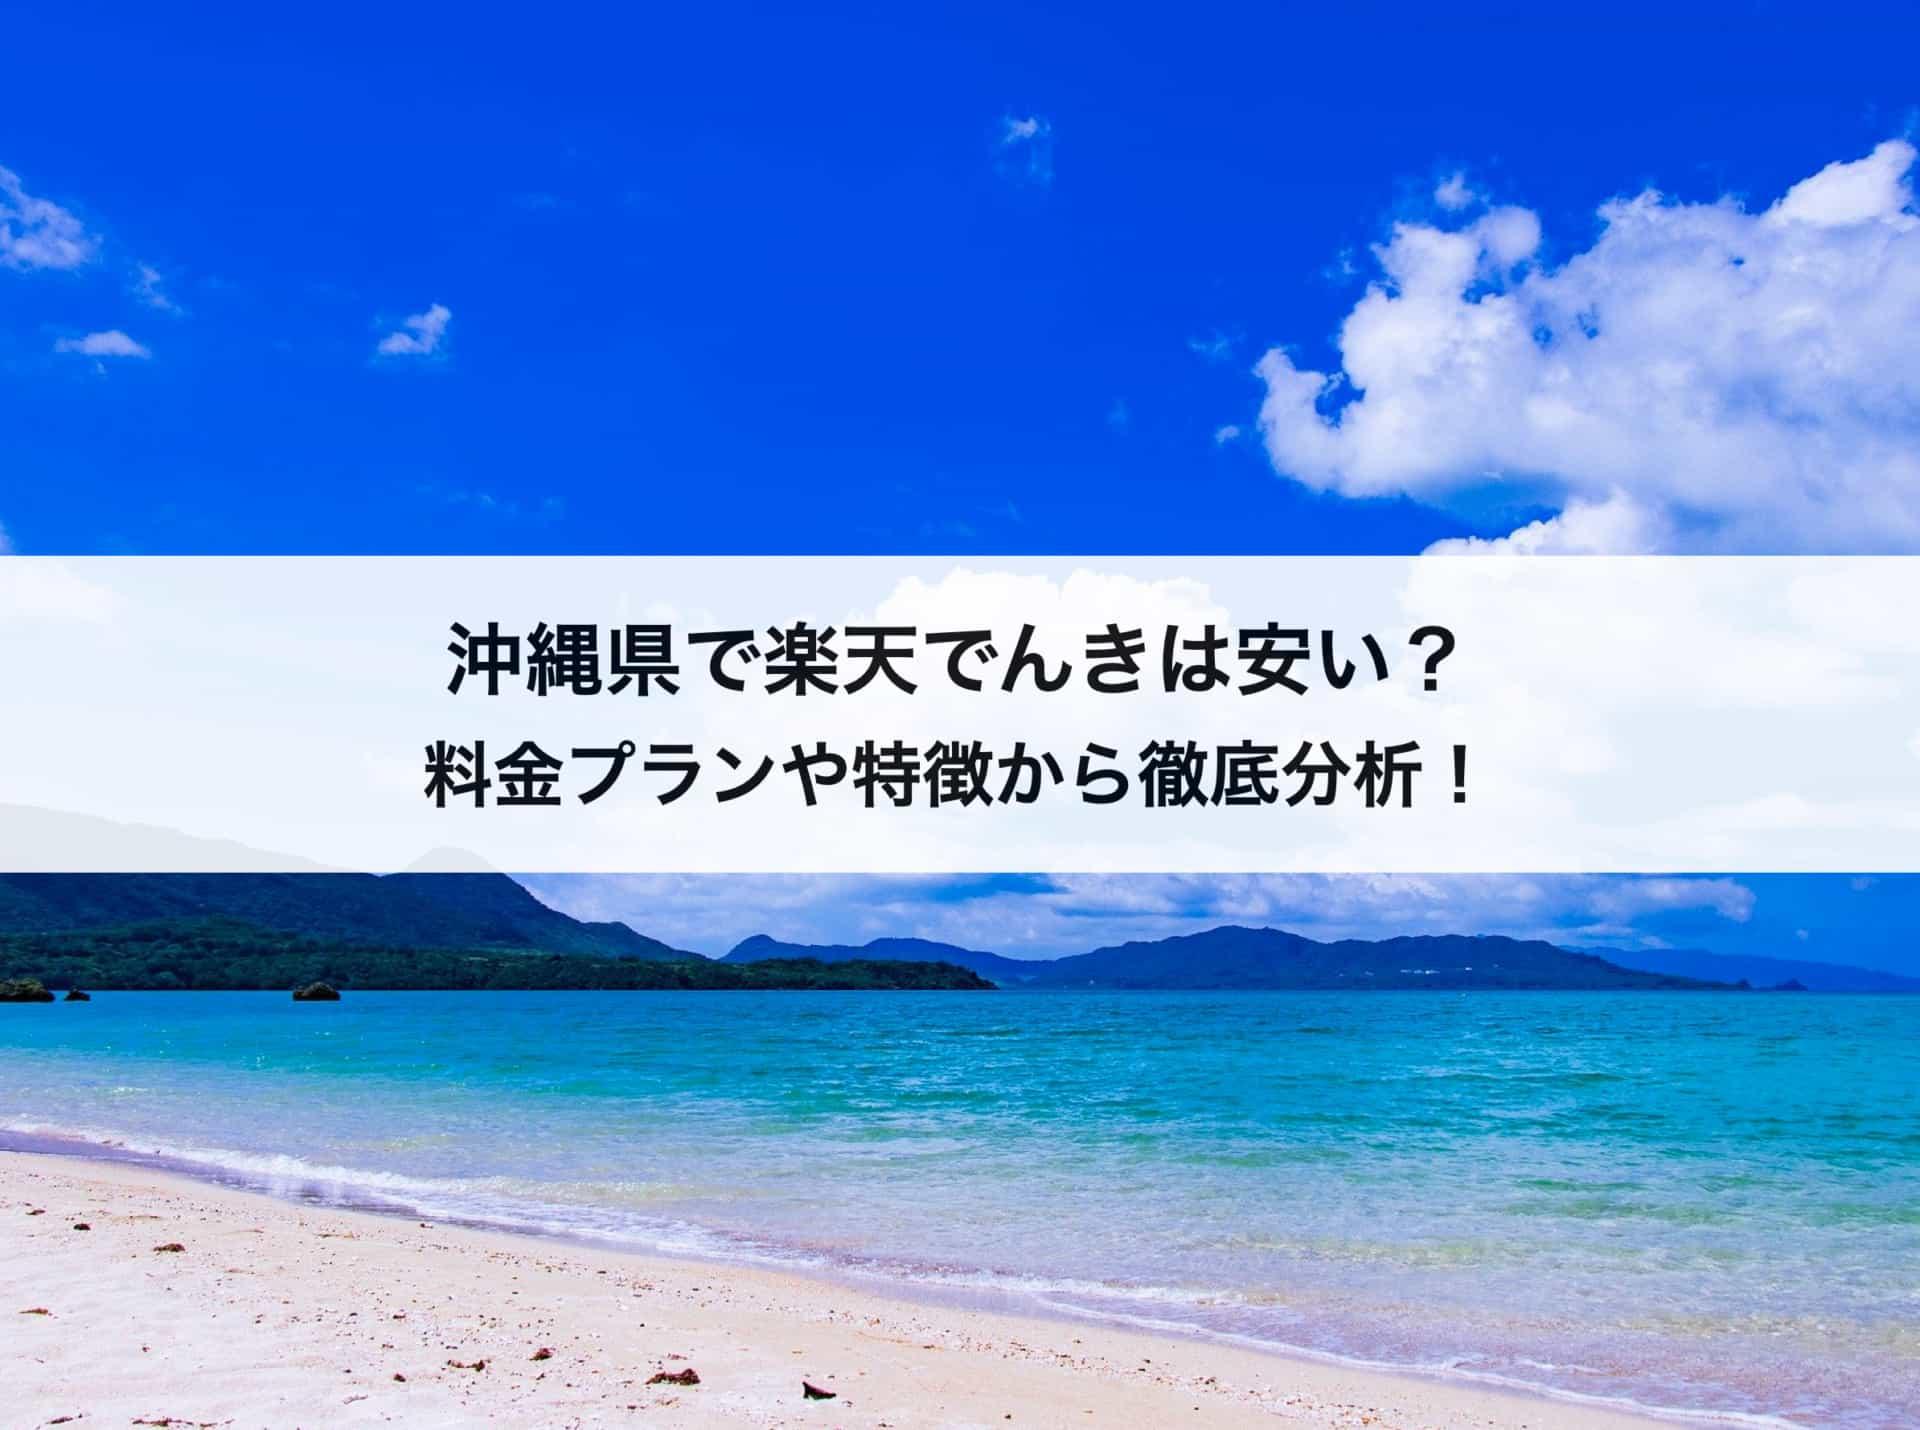 沖縄県で楽天でんきは安い?料金プランや特徴から徹底分析!